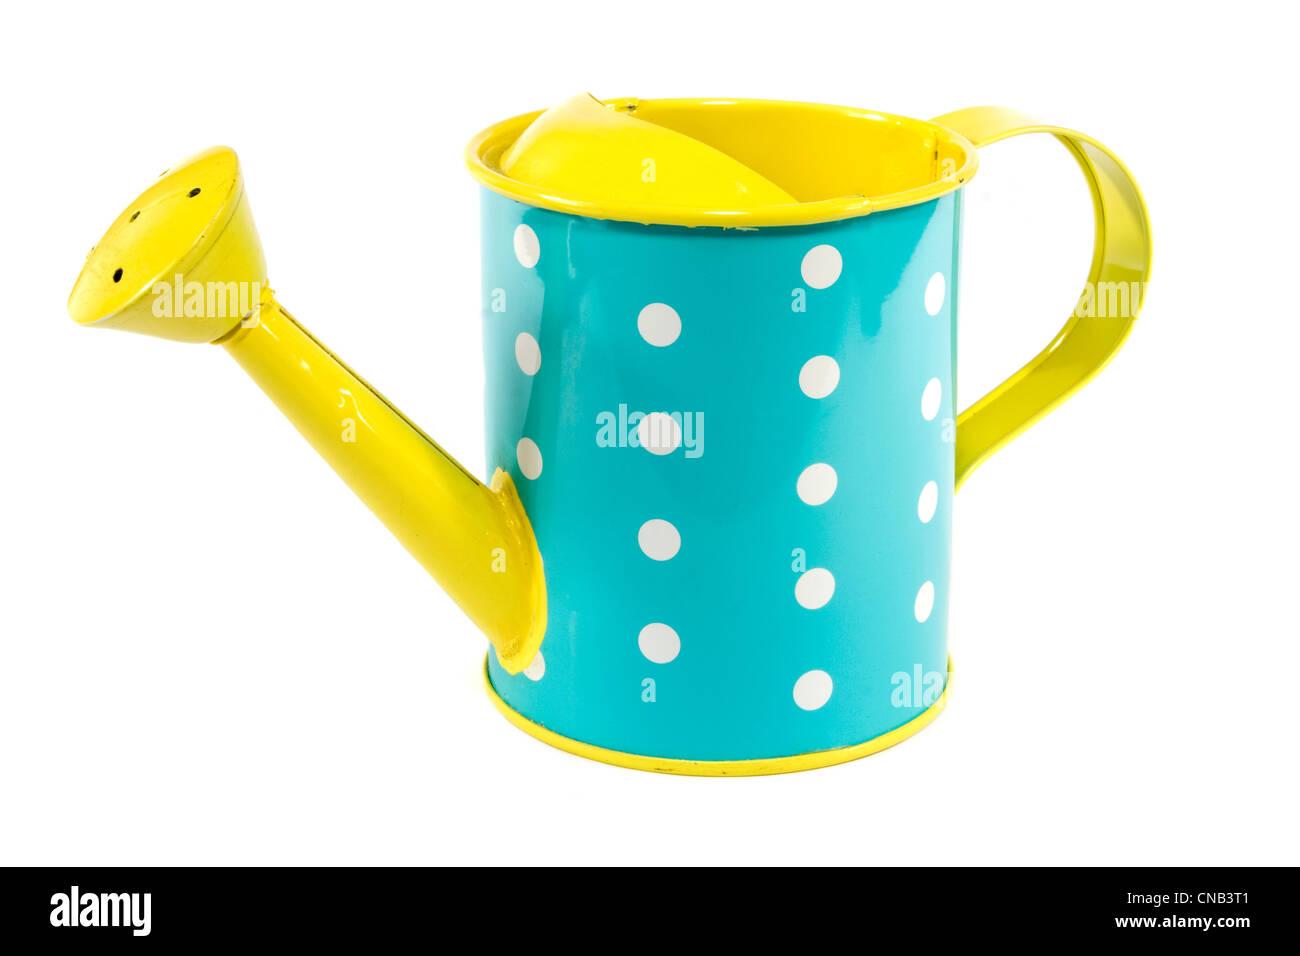 El azul y el amarillo polkerdot regadera sobre blanco Foto de stock